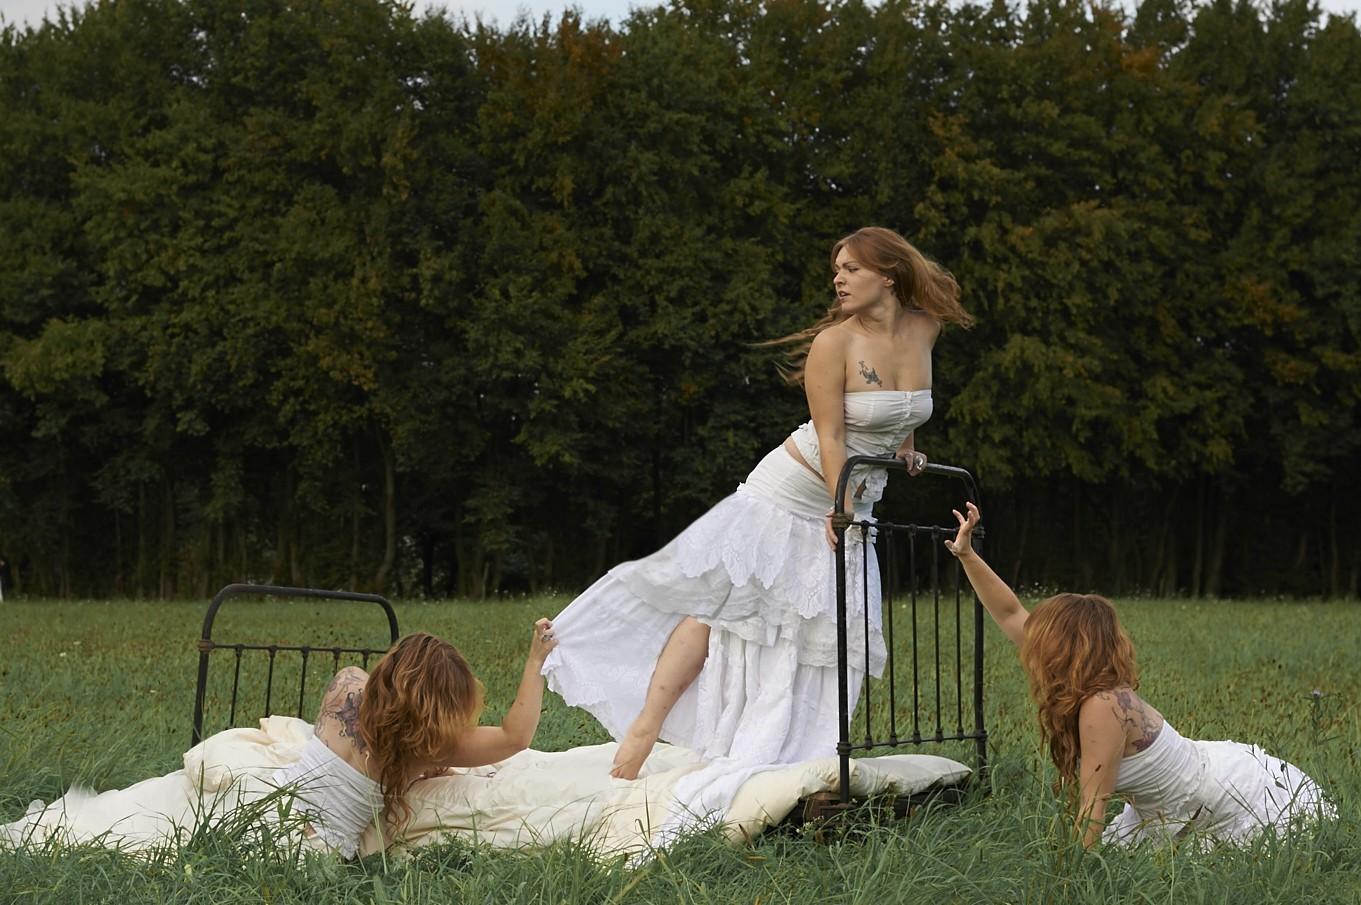 madmoiselle lelaya - nature - clonage cheveux